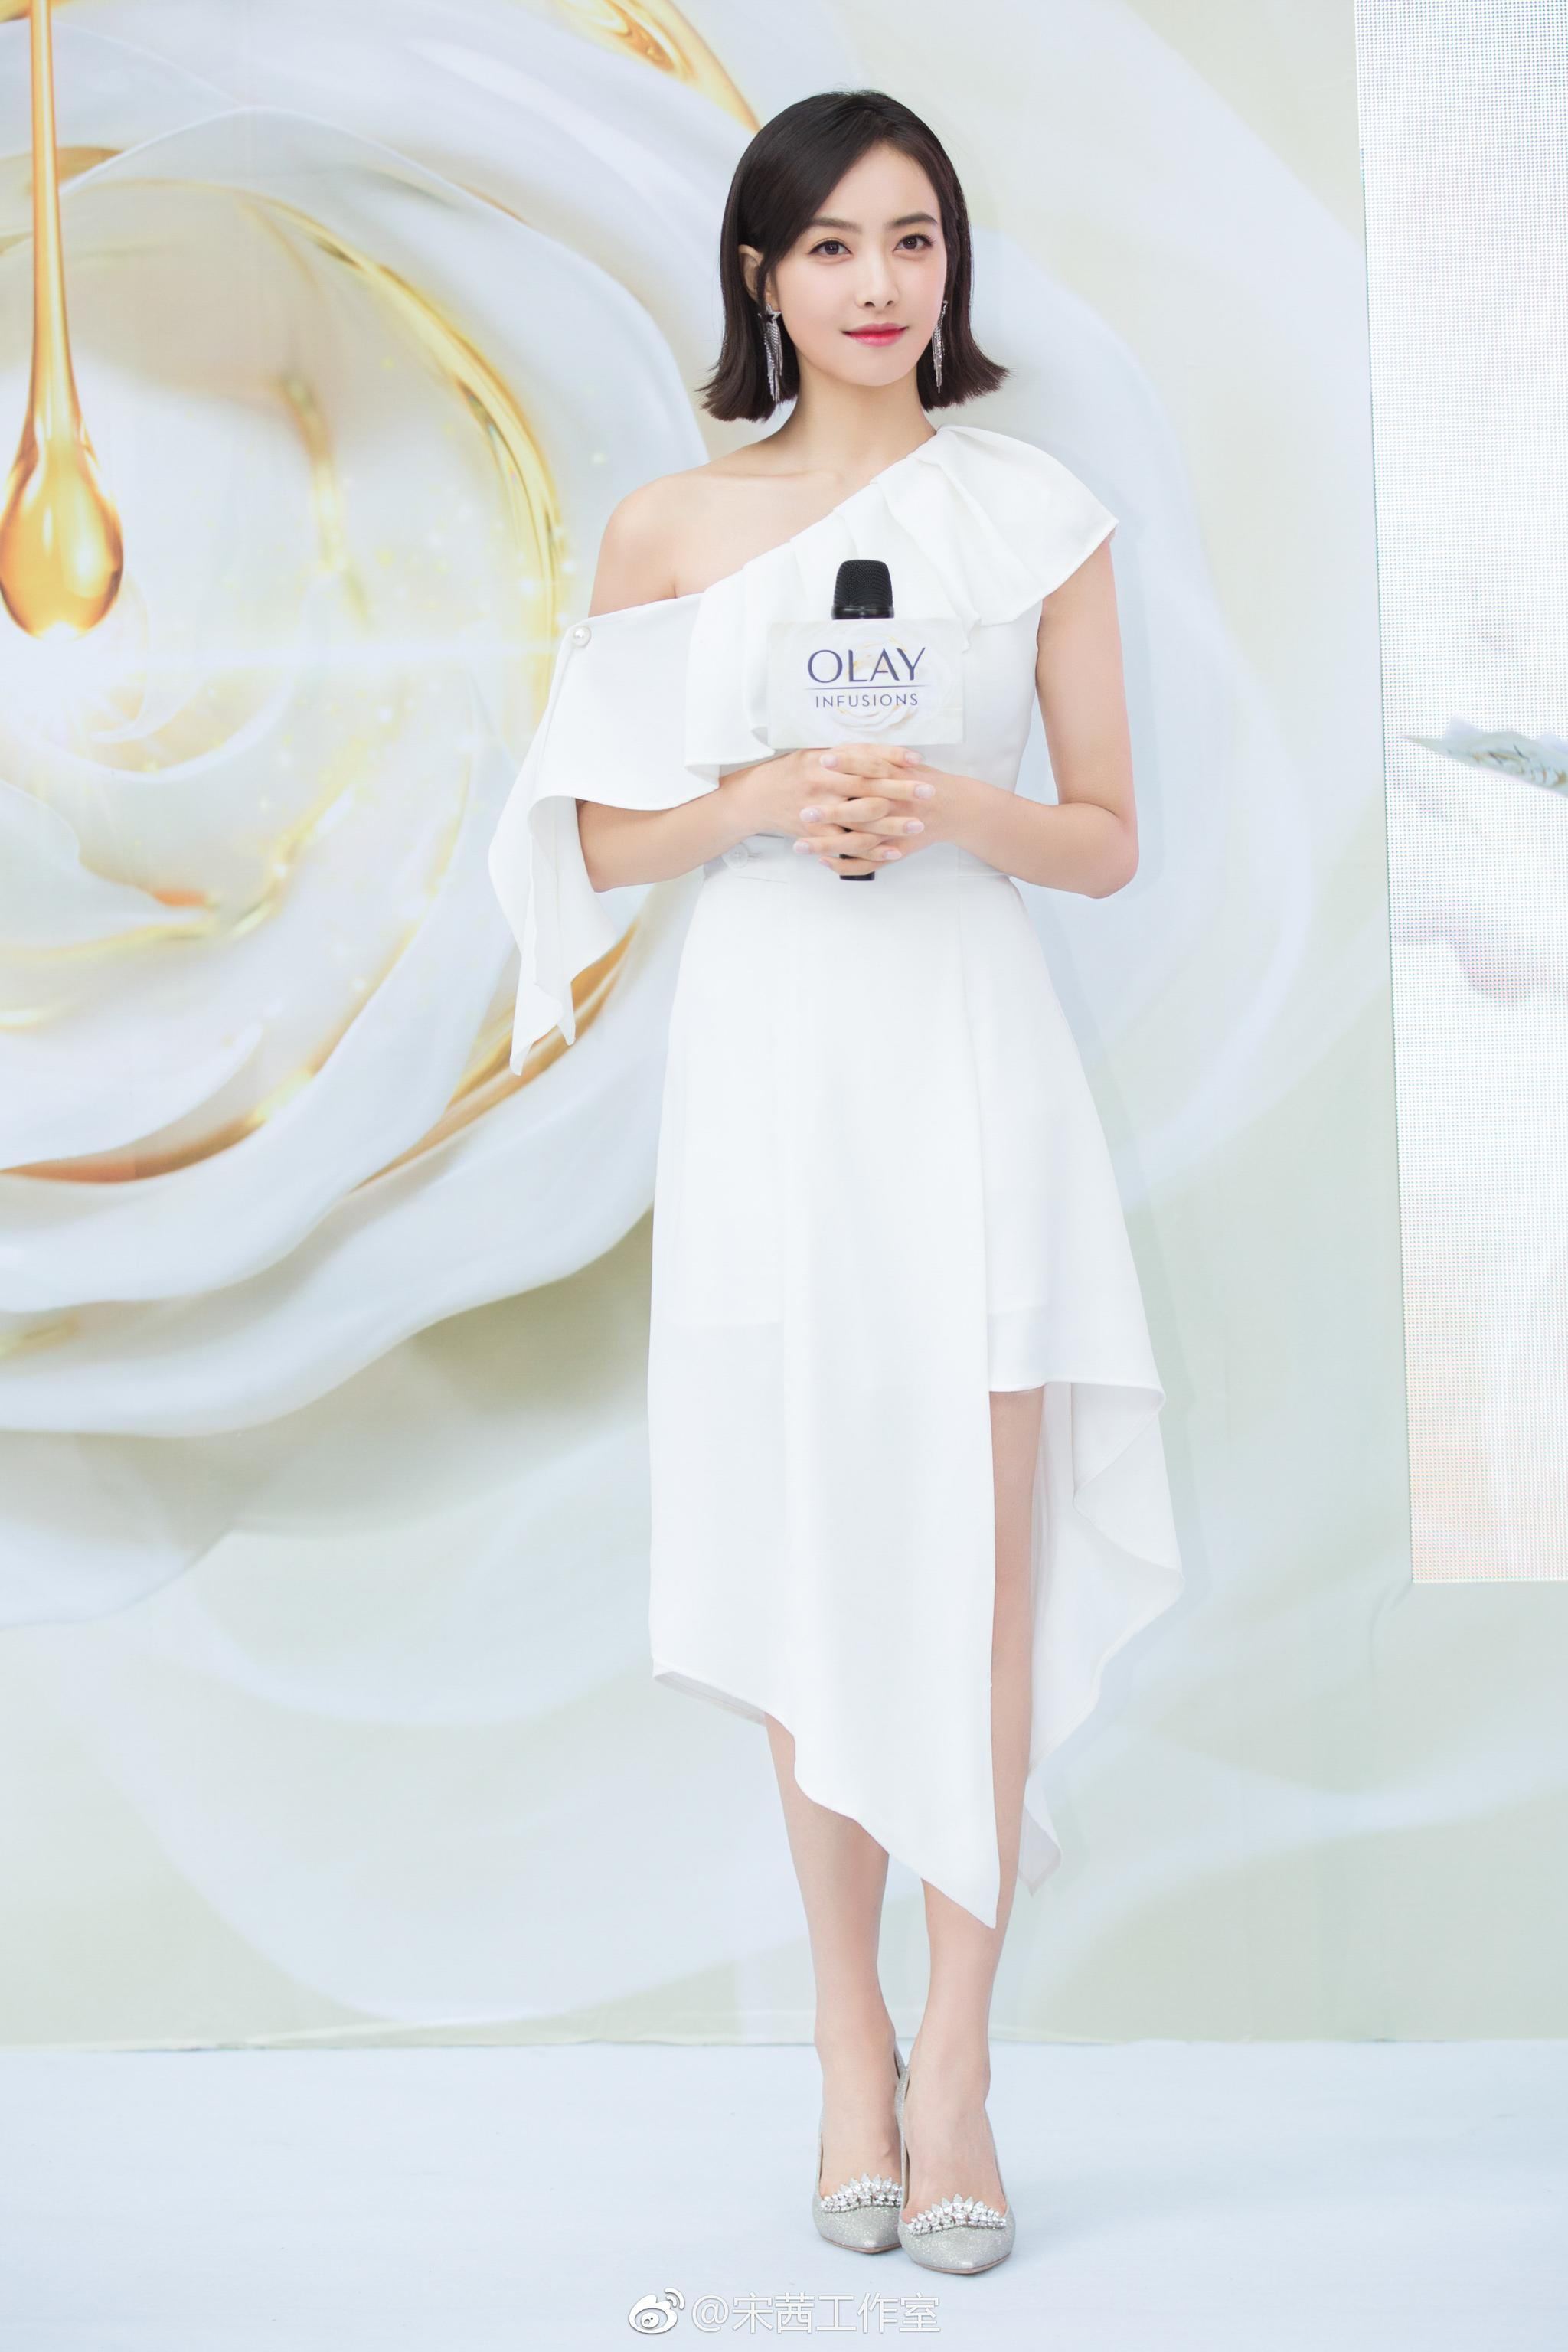 宋茜身穿白色露肩裙出席活动,新发型俏皮可爱,白色礼服温雅大方